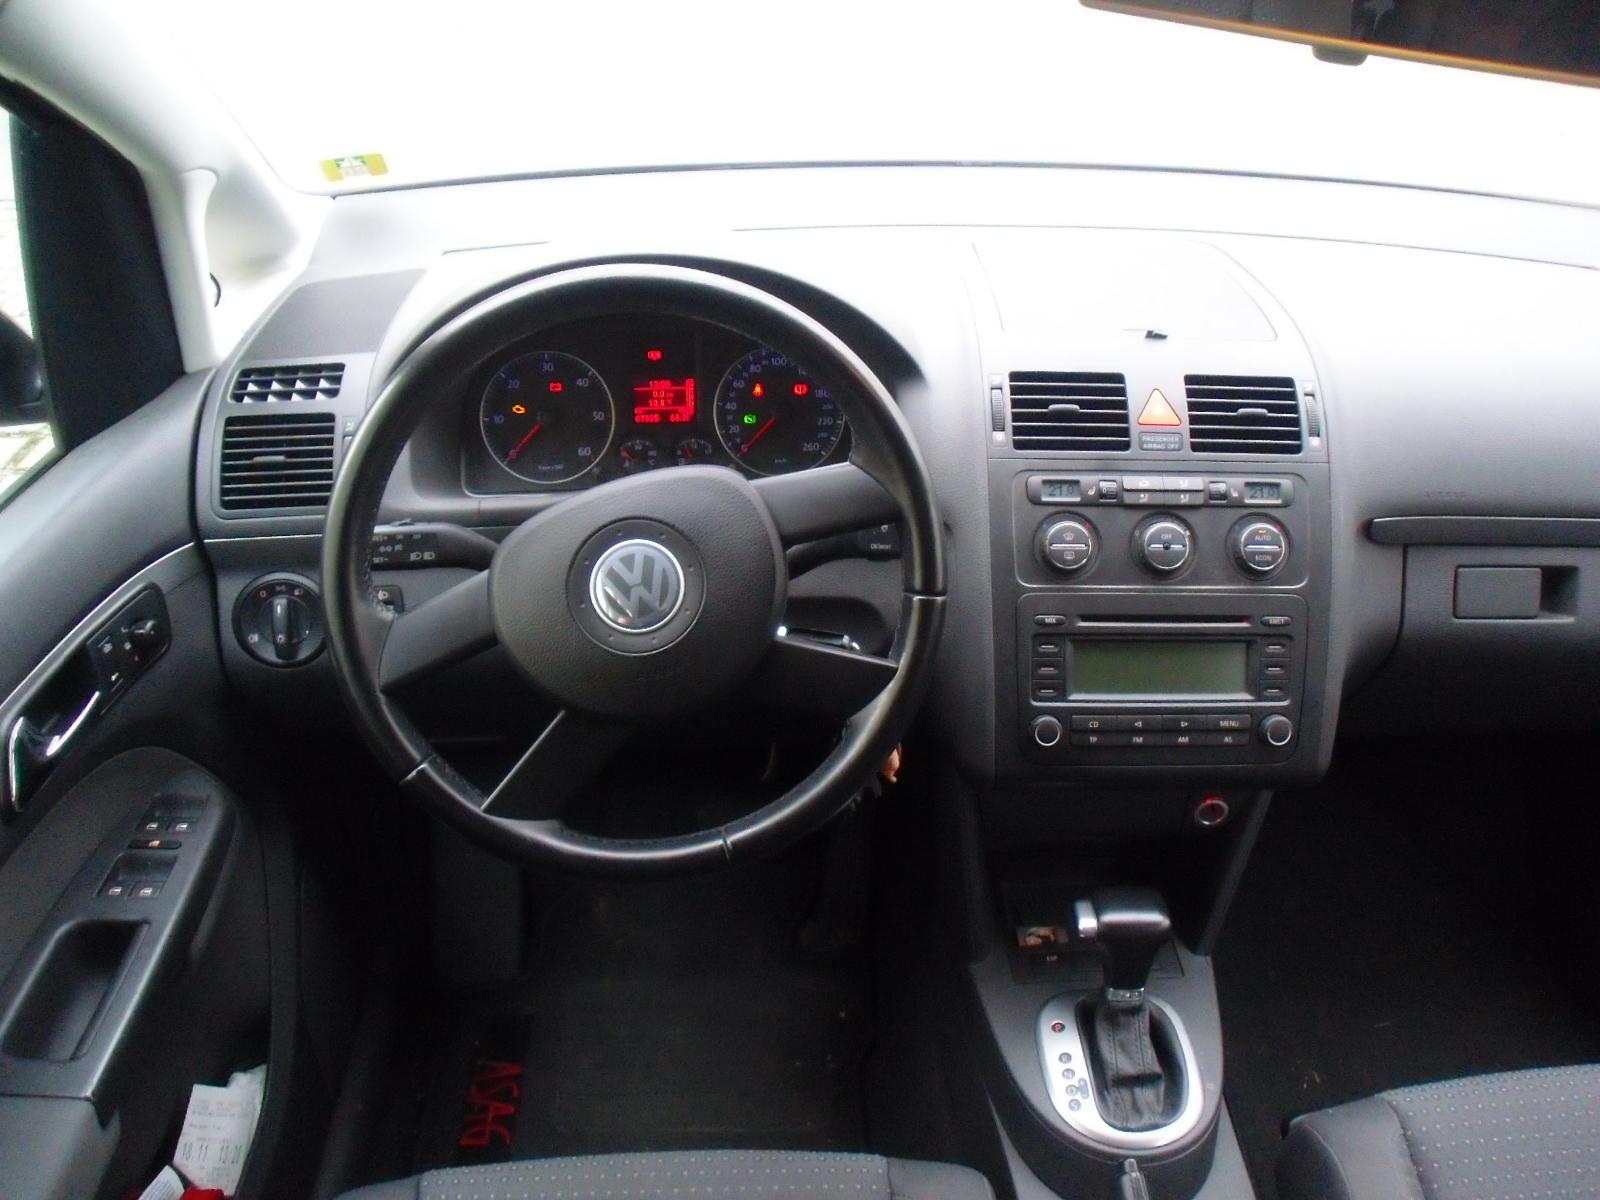 VW Touran 1.9 TDI image #1